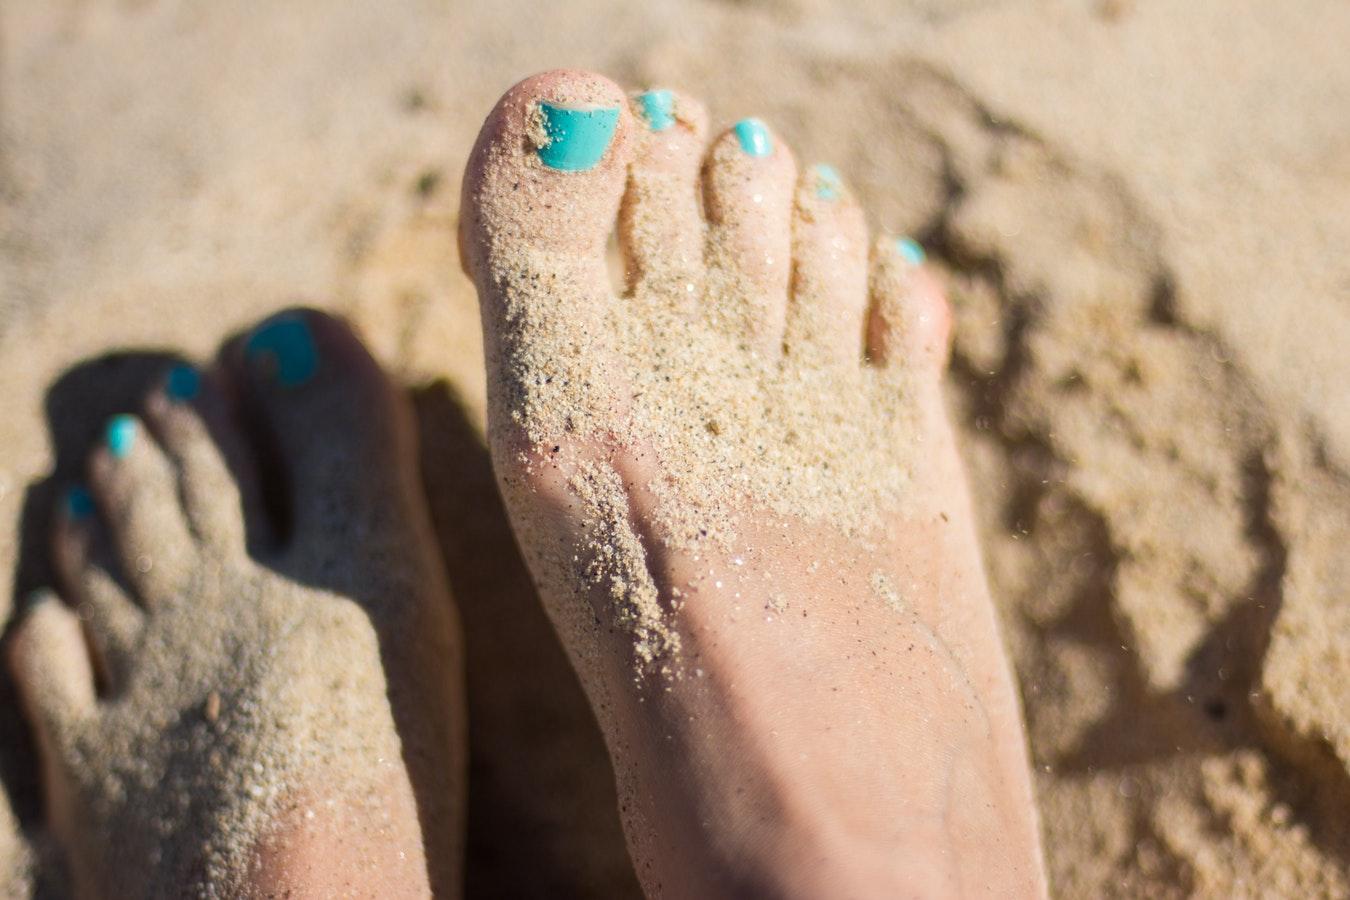 Feet like mine